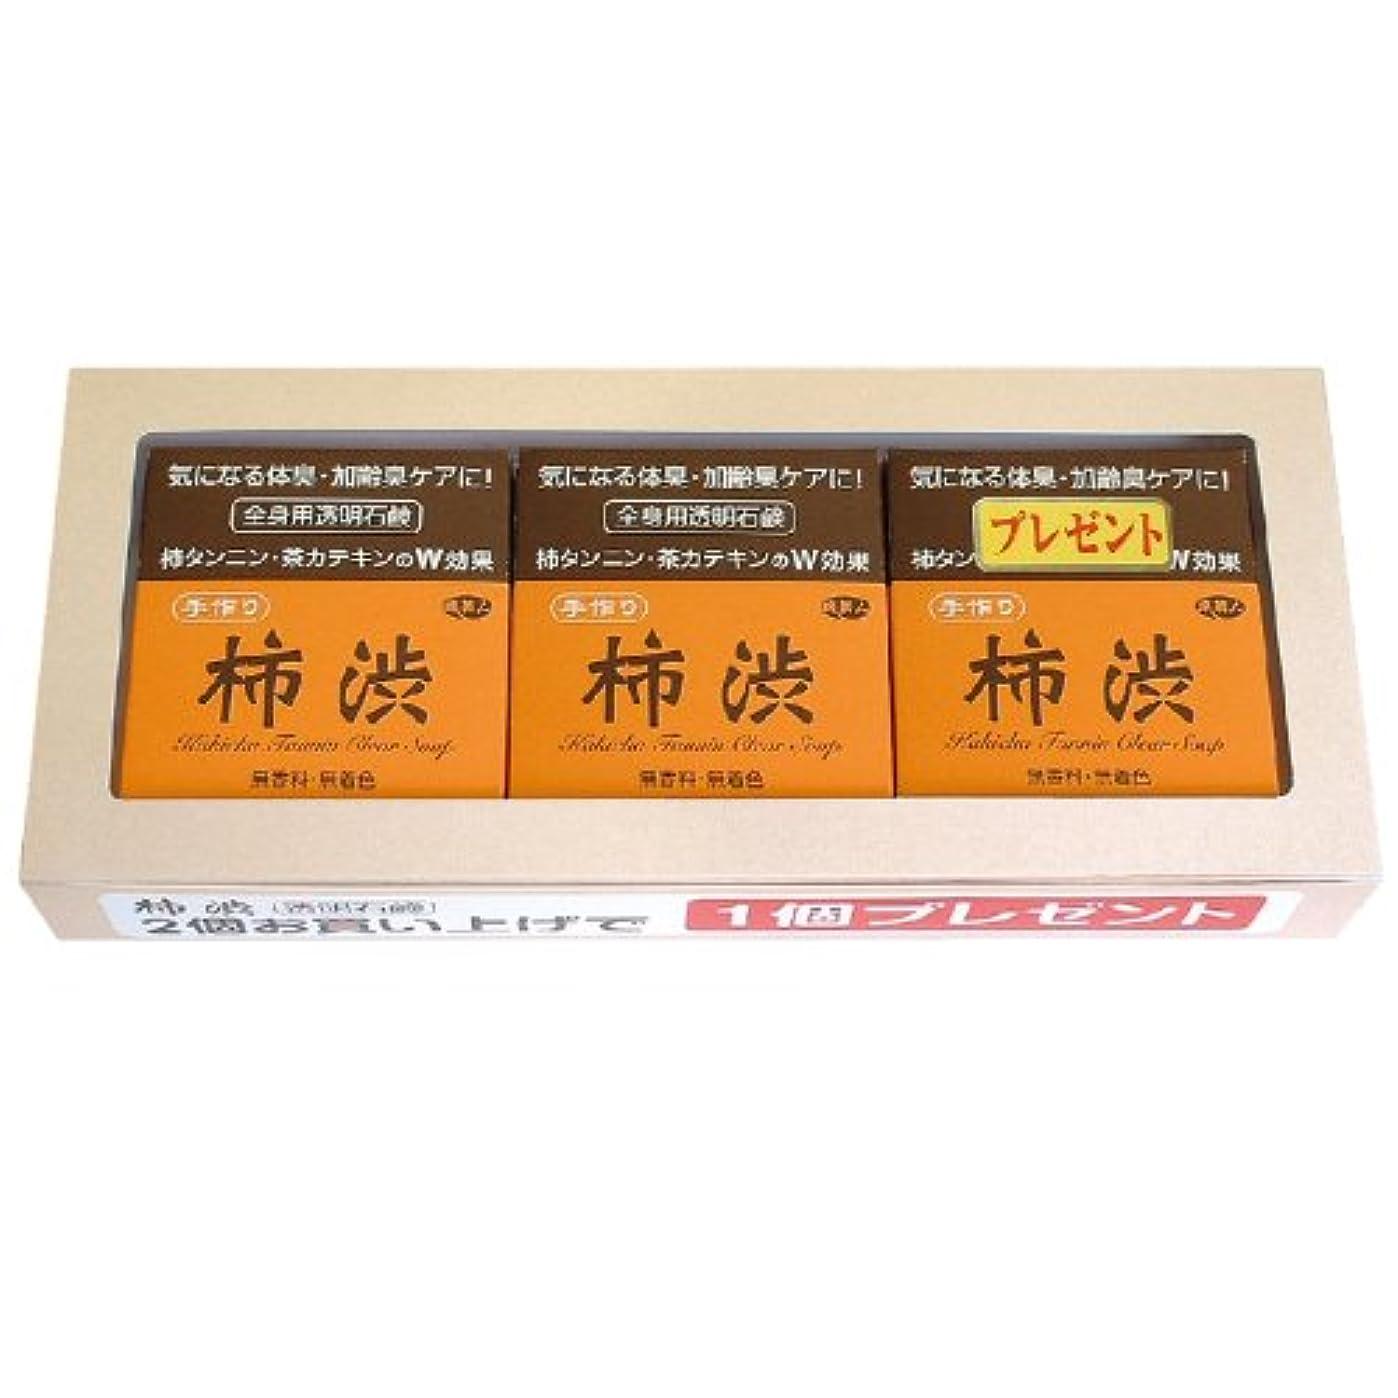 ノイズ冷蔵庫再開アズマ商事の 柿渋透明石鹸 2個の値段で3個入りセット